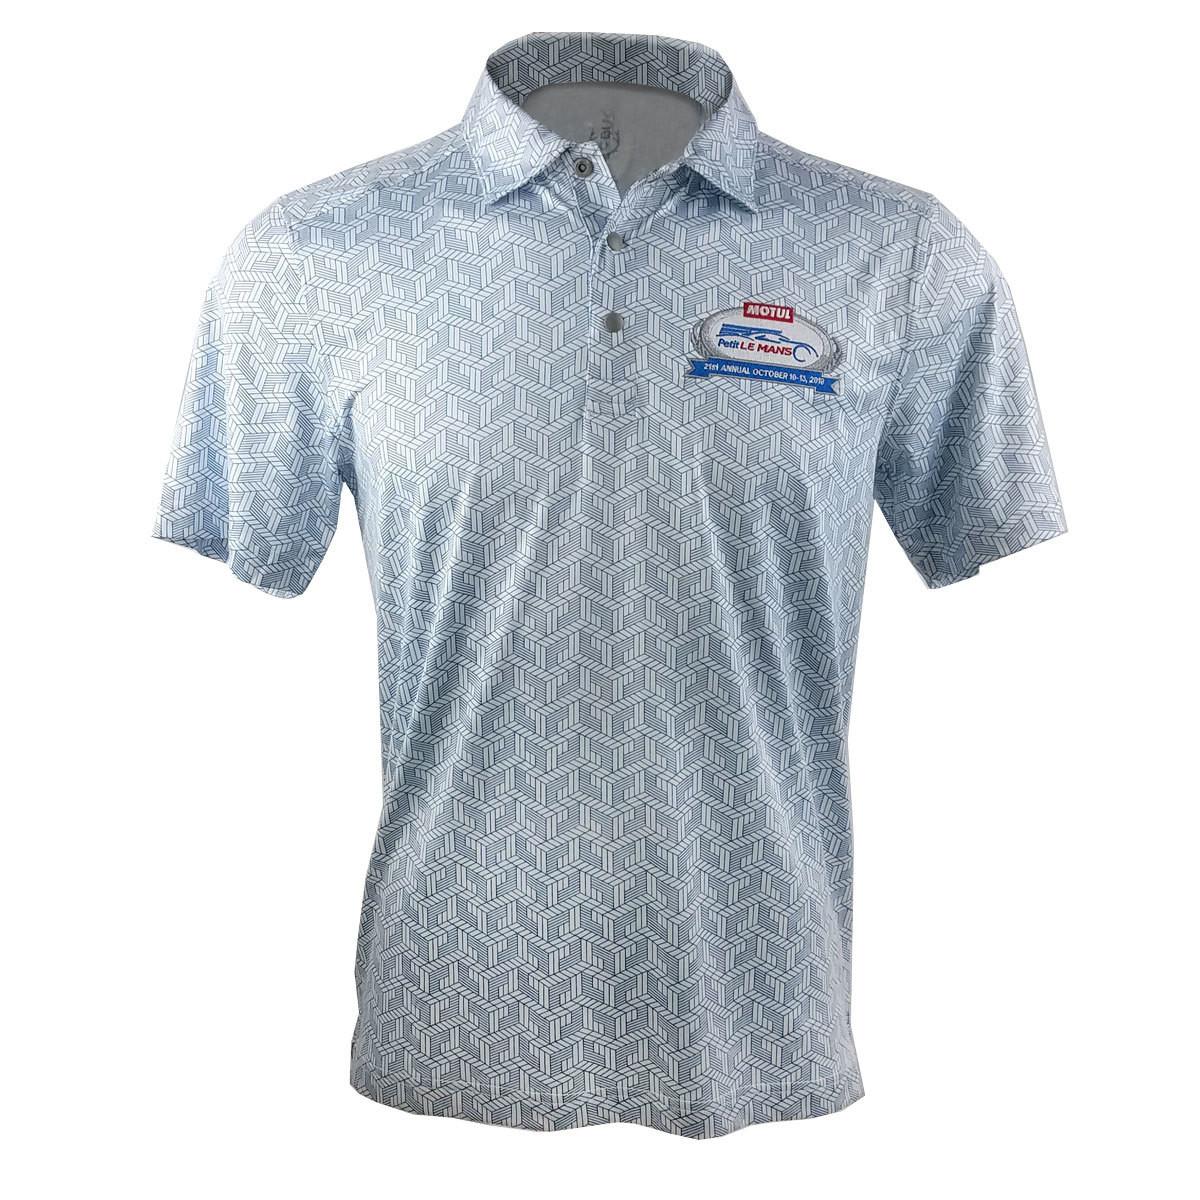 2018 MPLM Mens Golf Shirt- Tour Blue